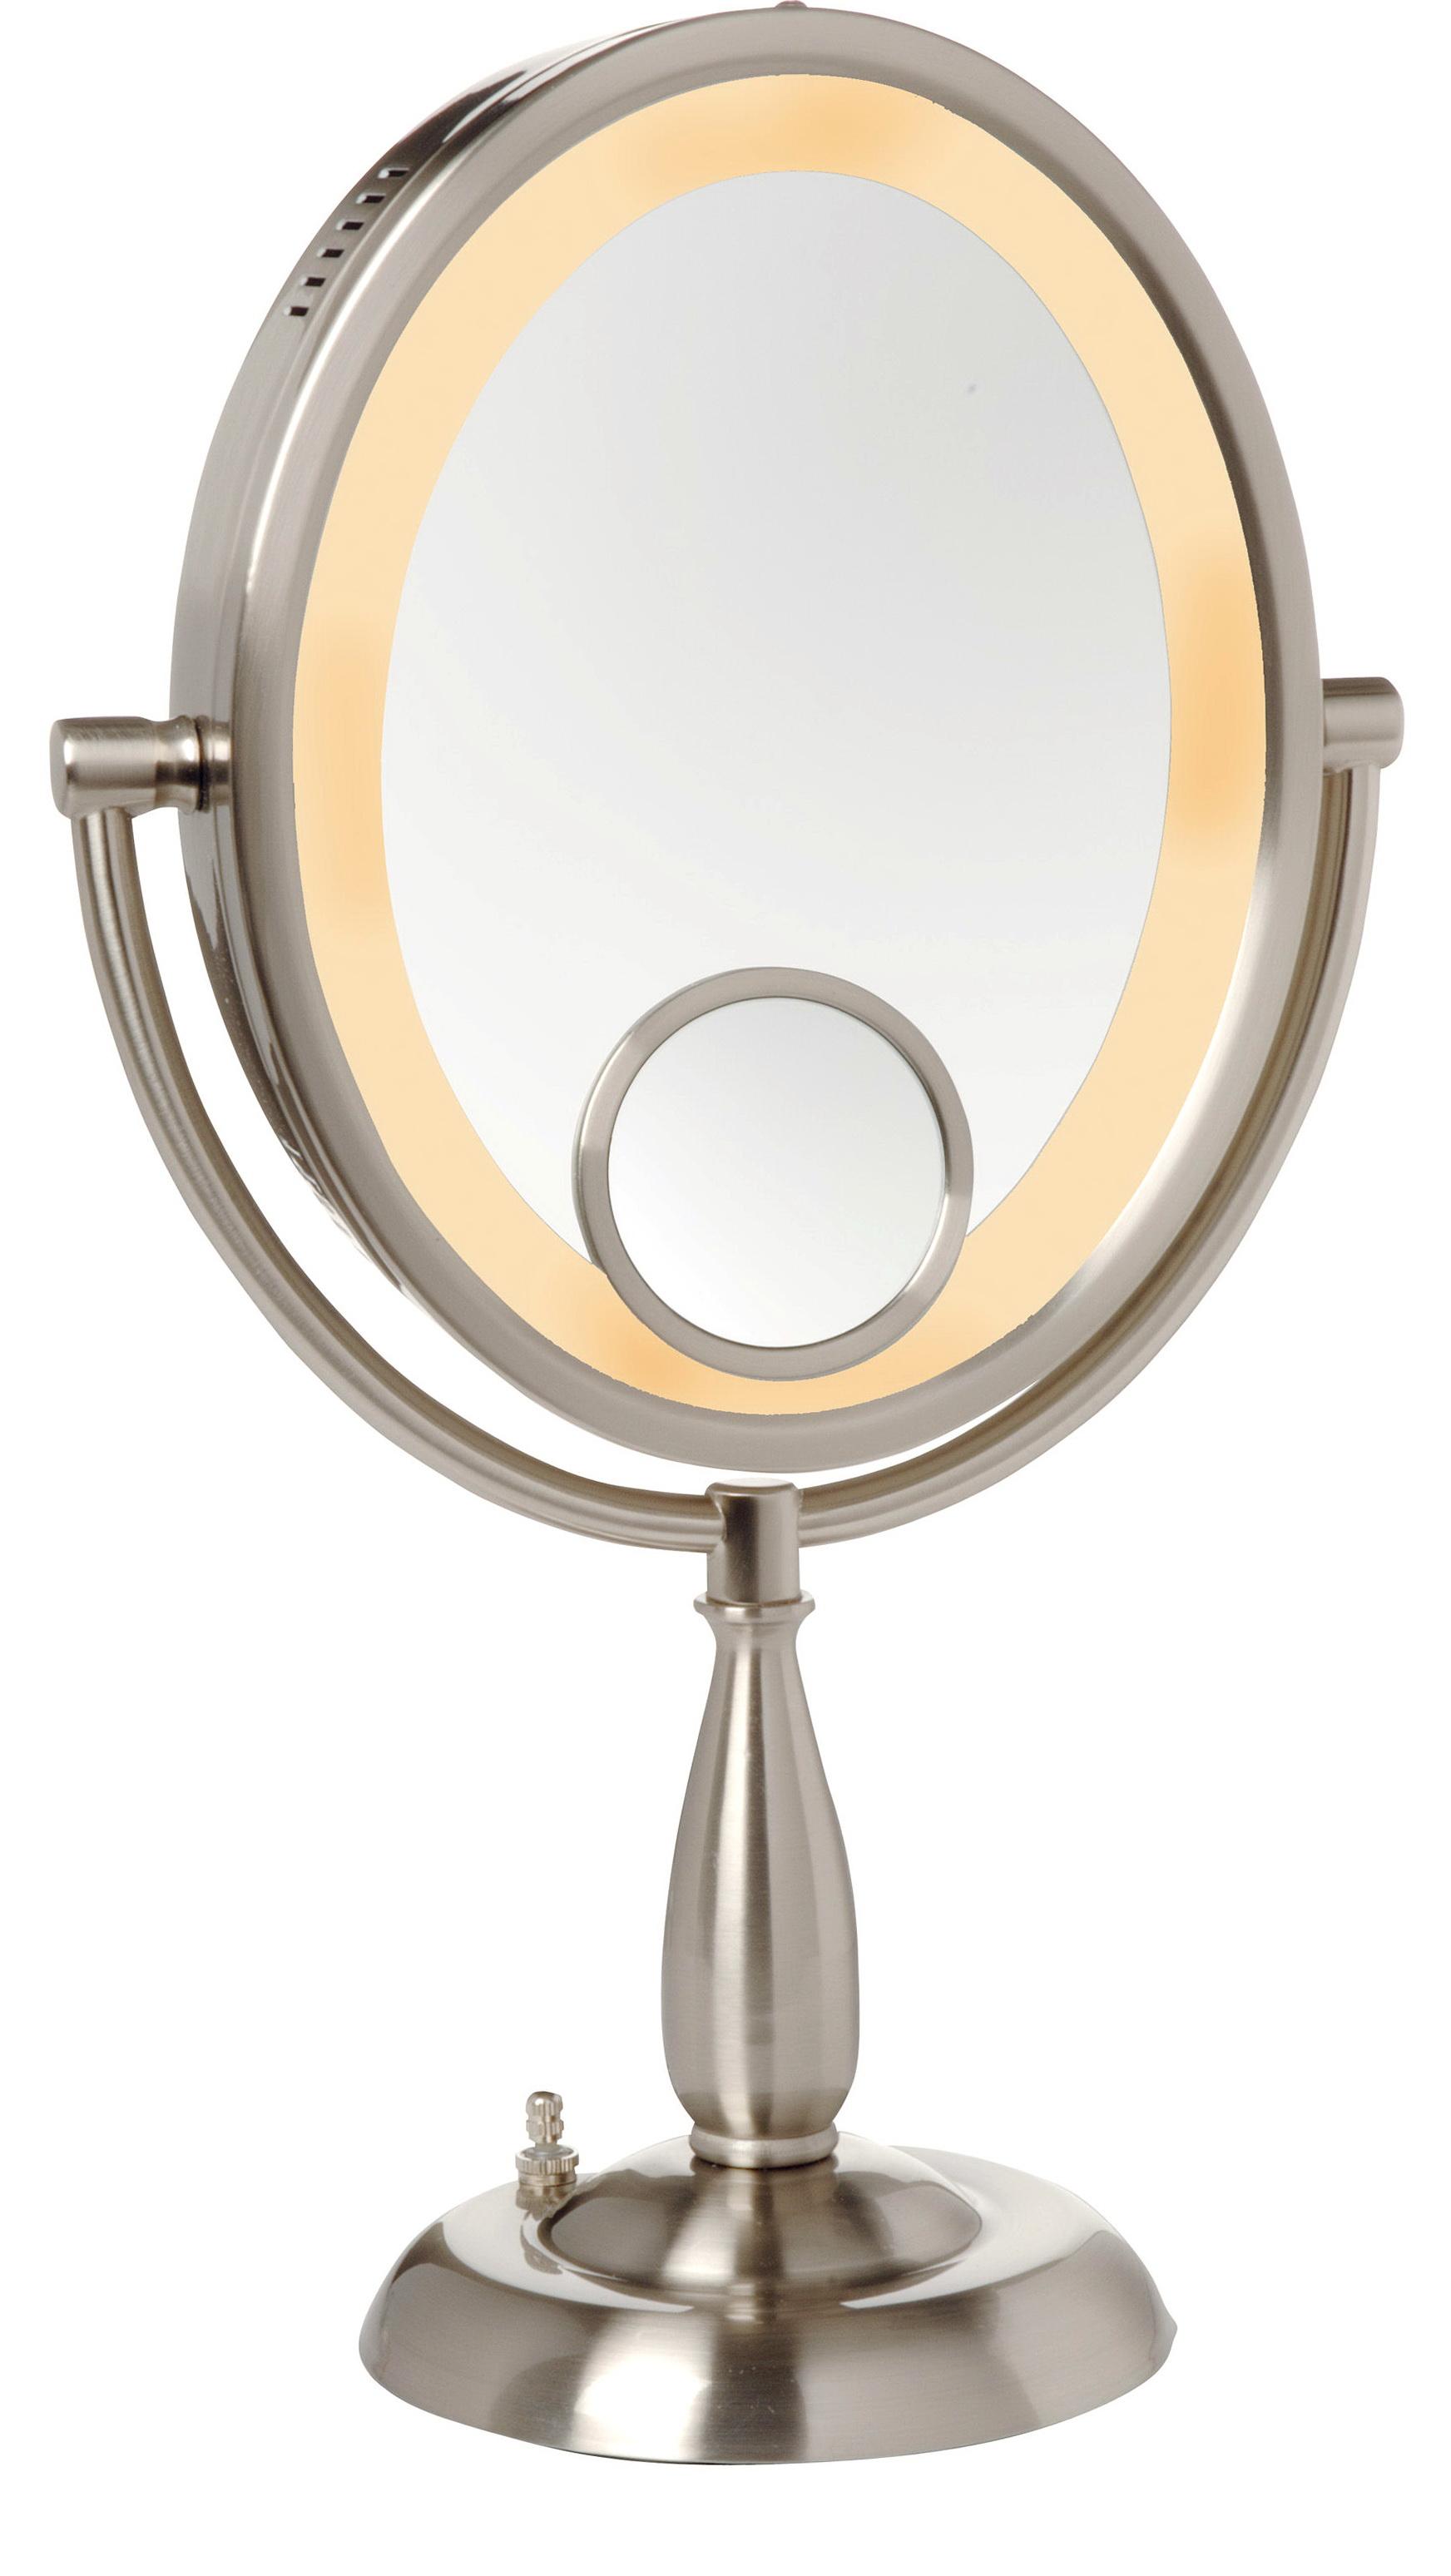 Light Up Makeup Mirror Boots Mugeek Vidalondon